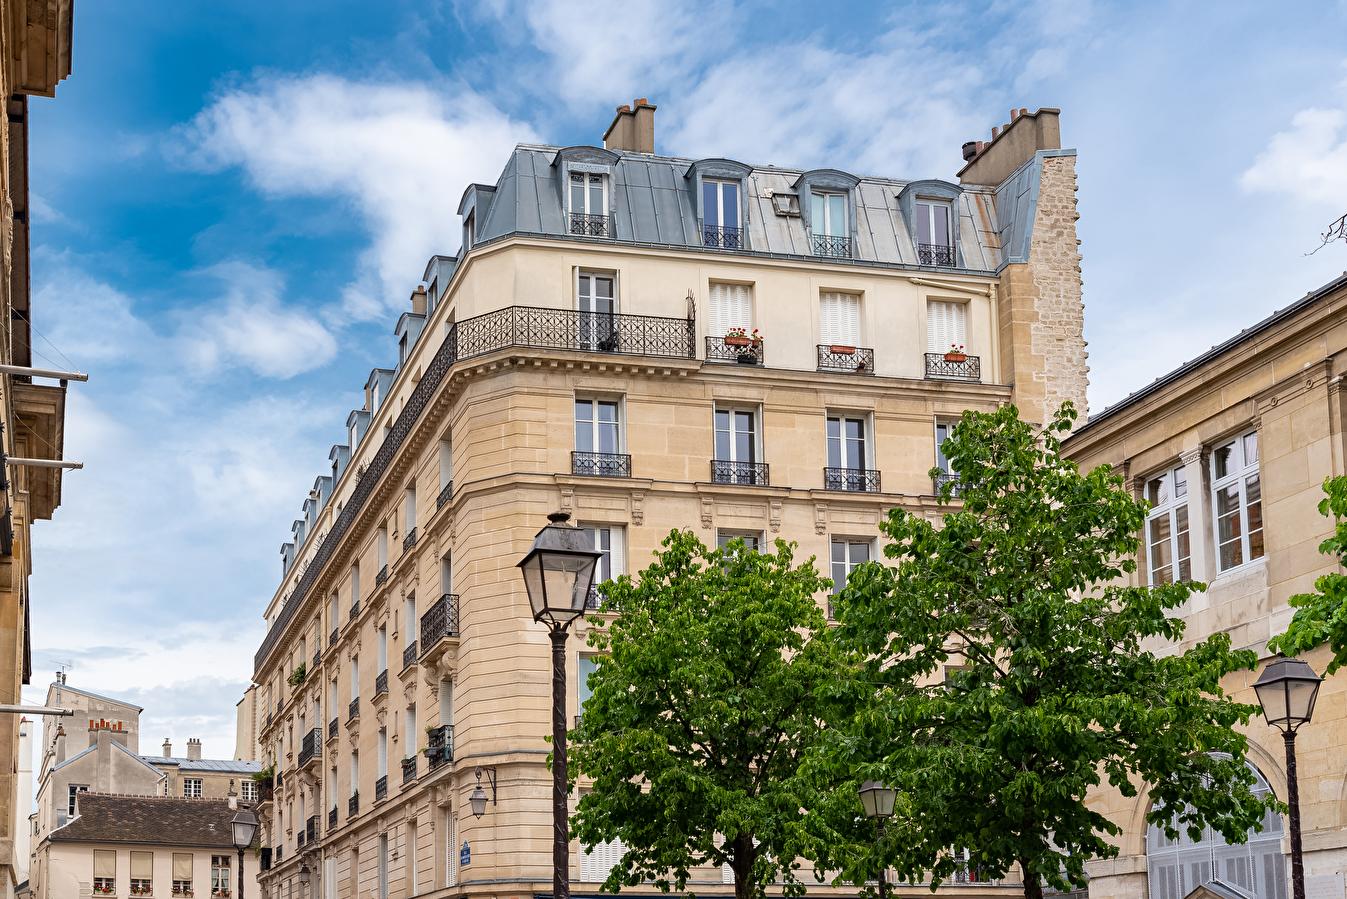 Histoire de l'architecture : Pourquoi parle-t-on d'étages nobles dans les immeubles haussmanniens ?